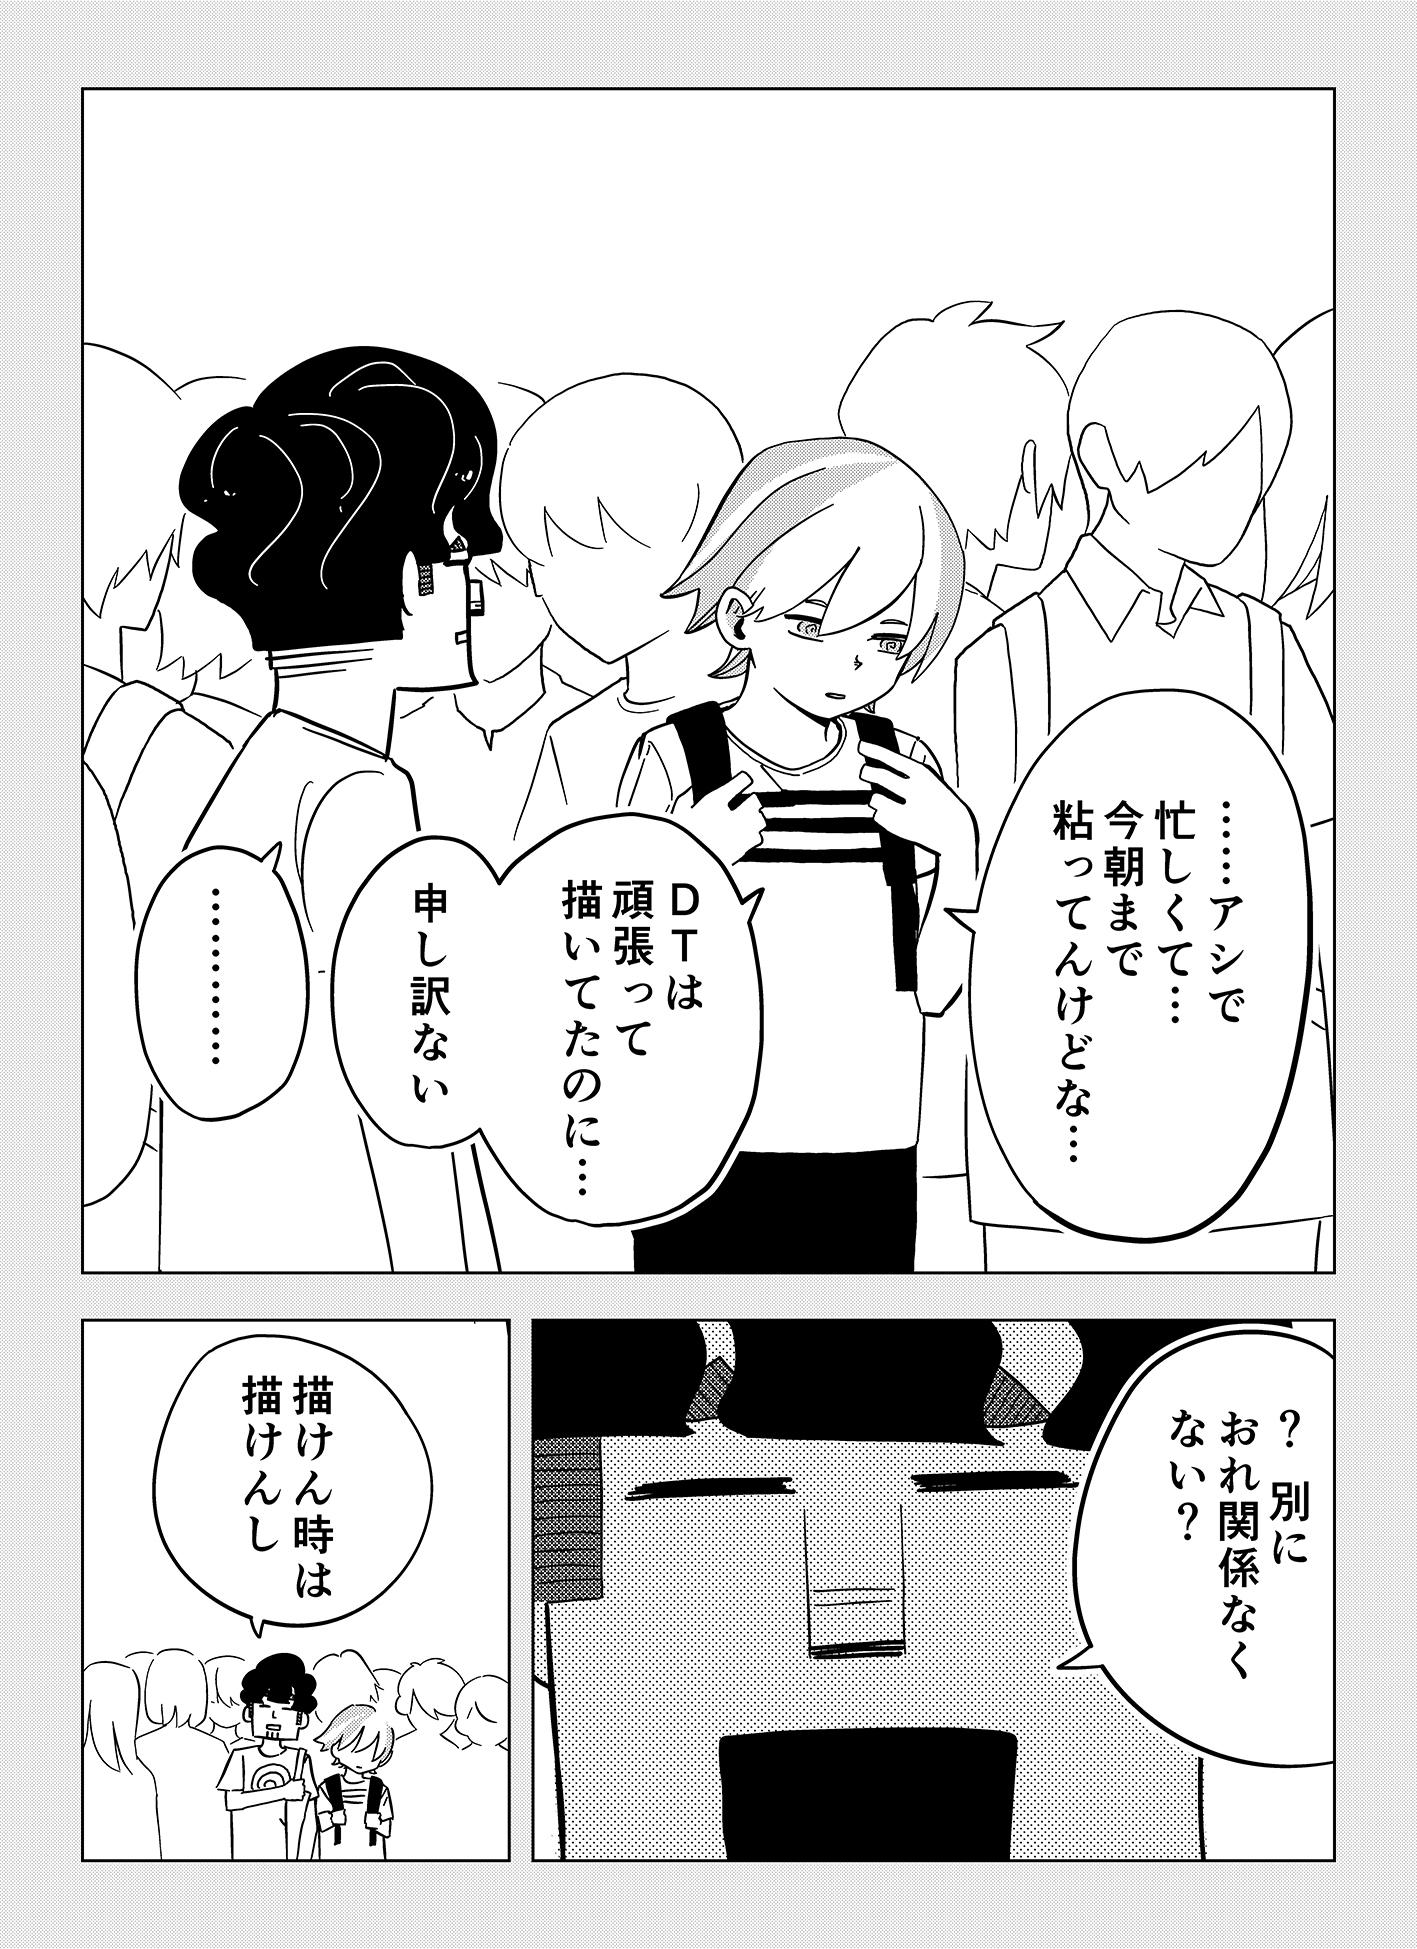 share13_011